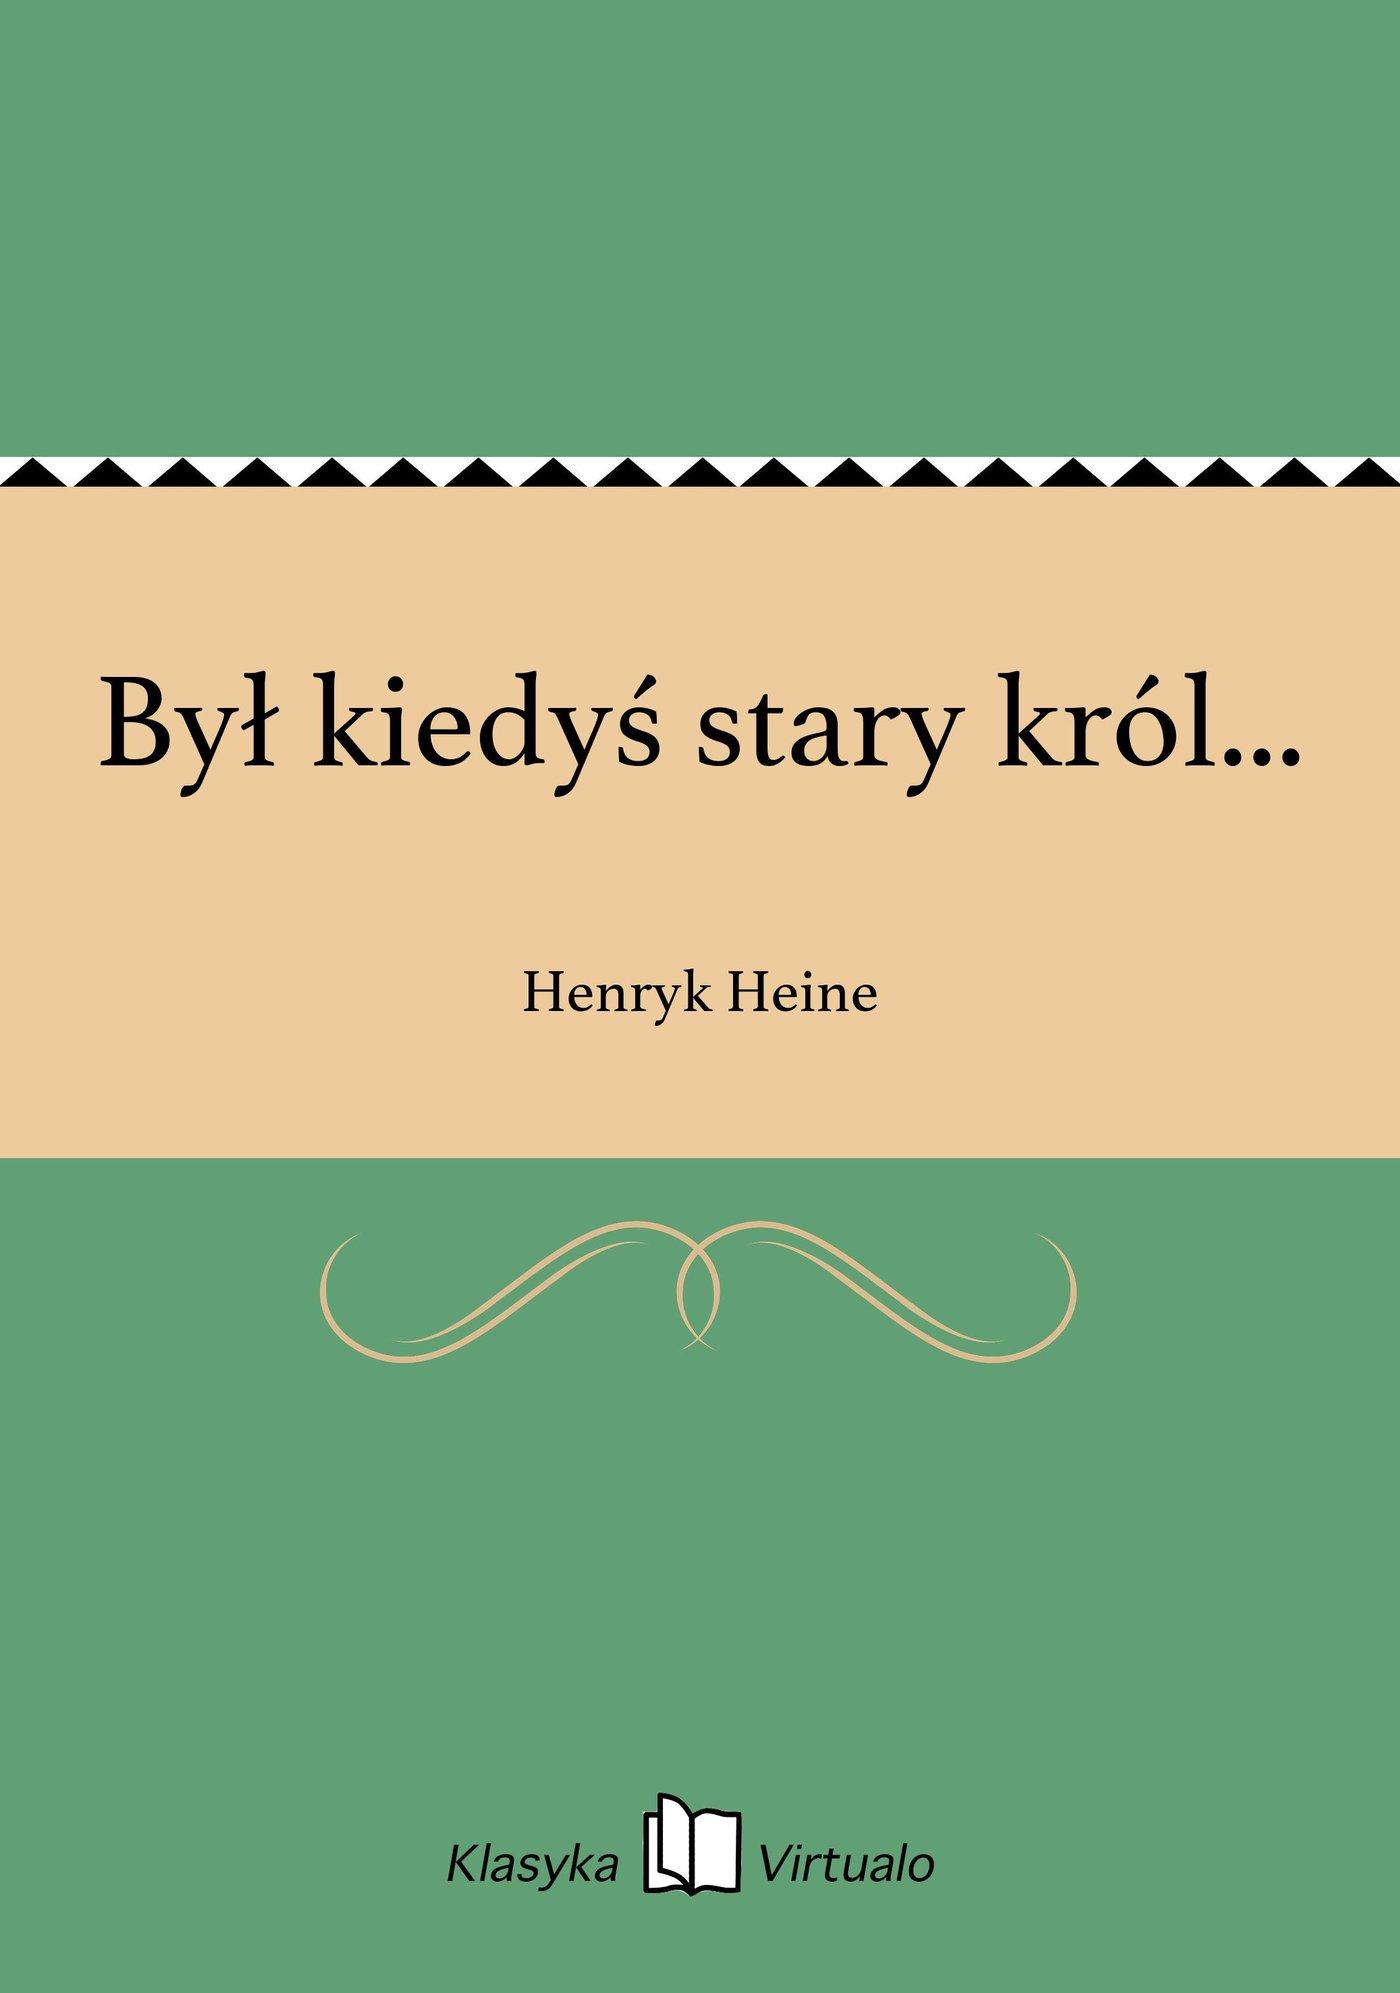 Był kiedyś stary król... - Ebook (Książka na Kindle) do pobrania w formacie MOBI